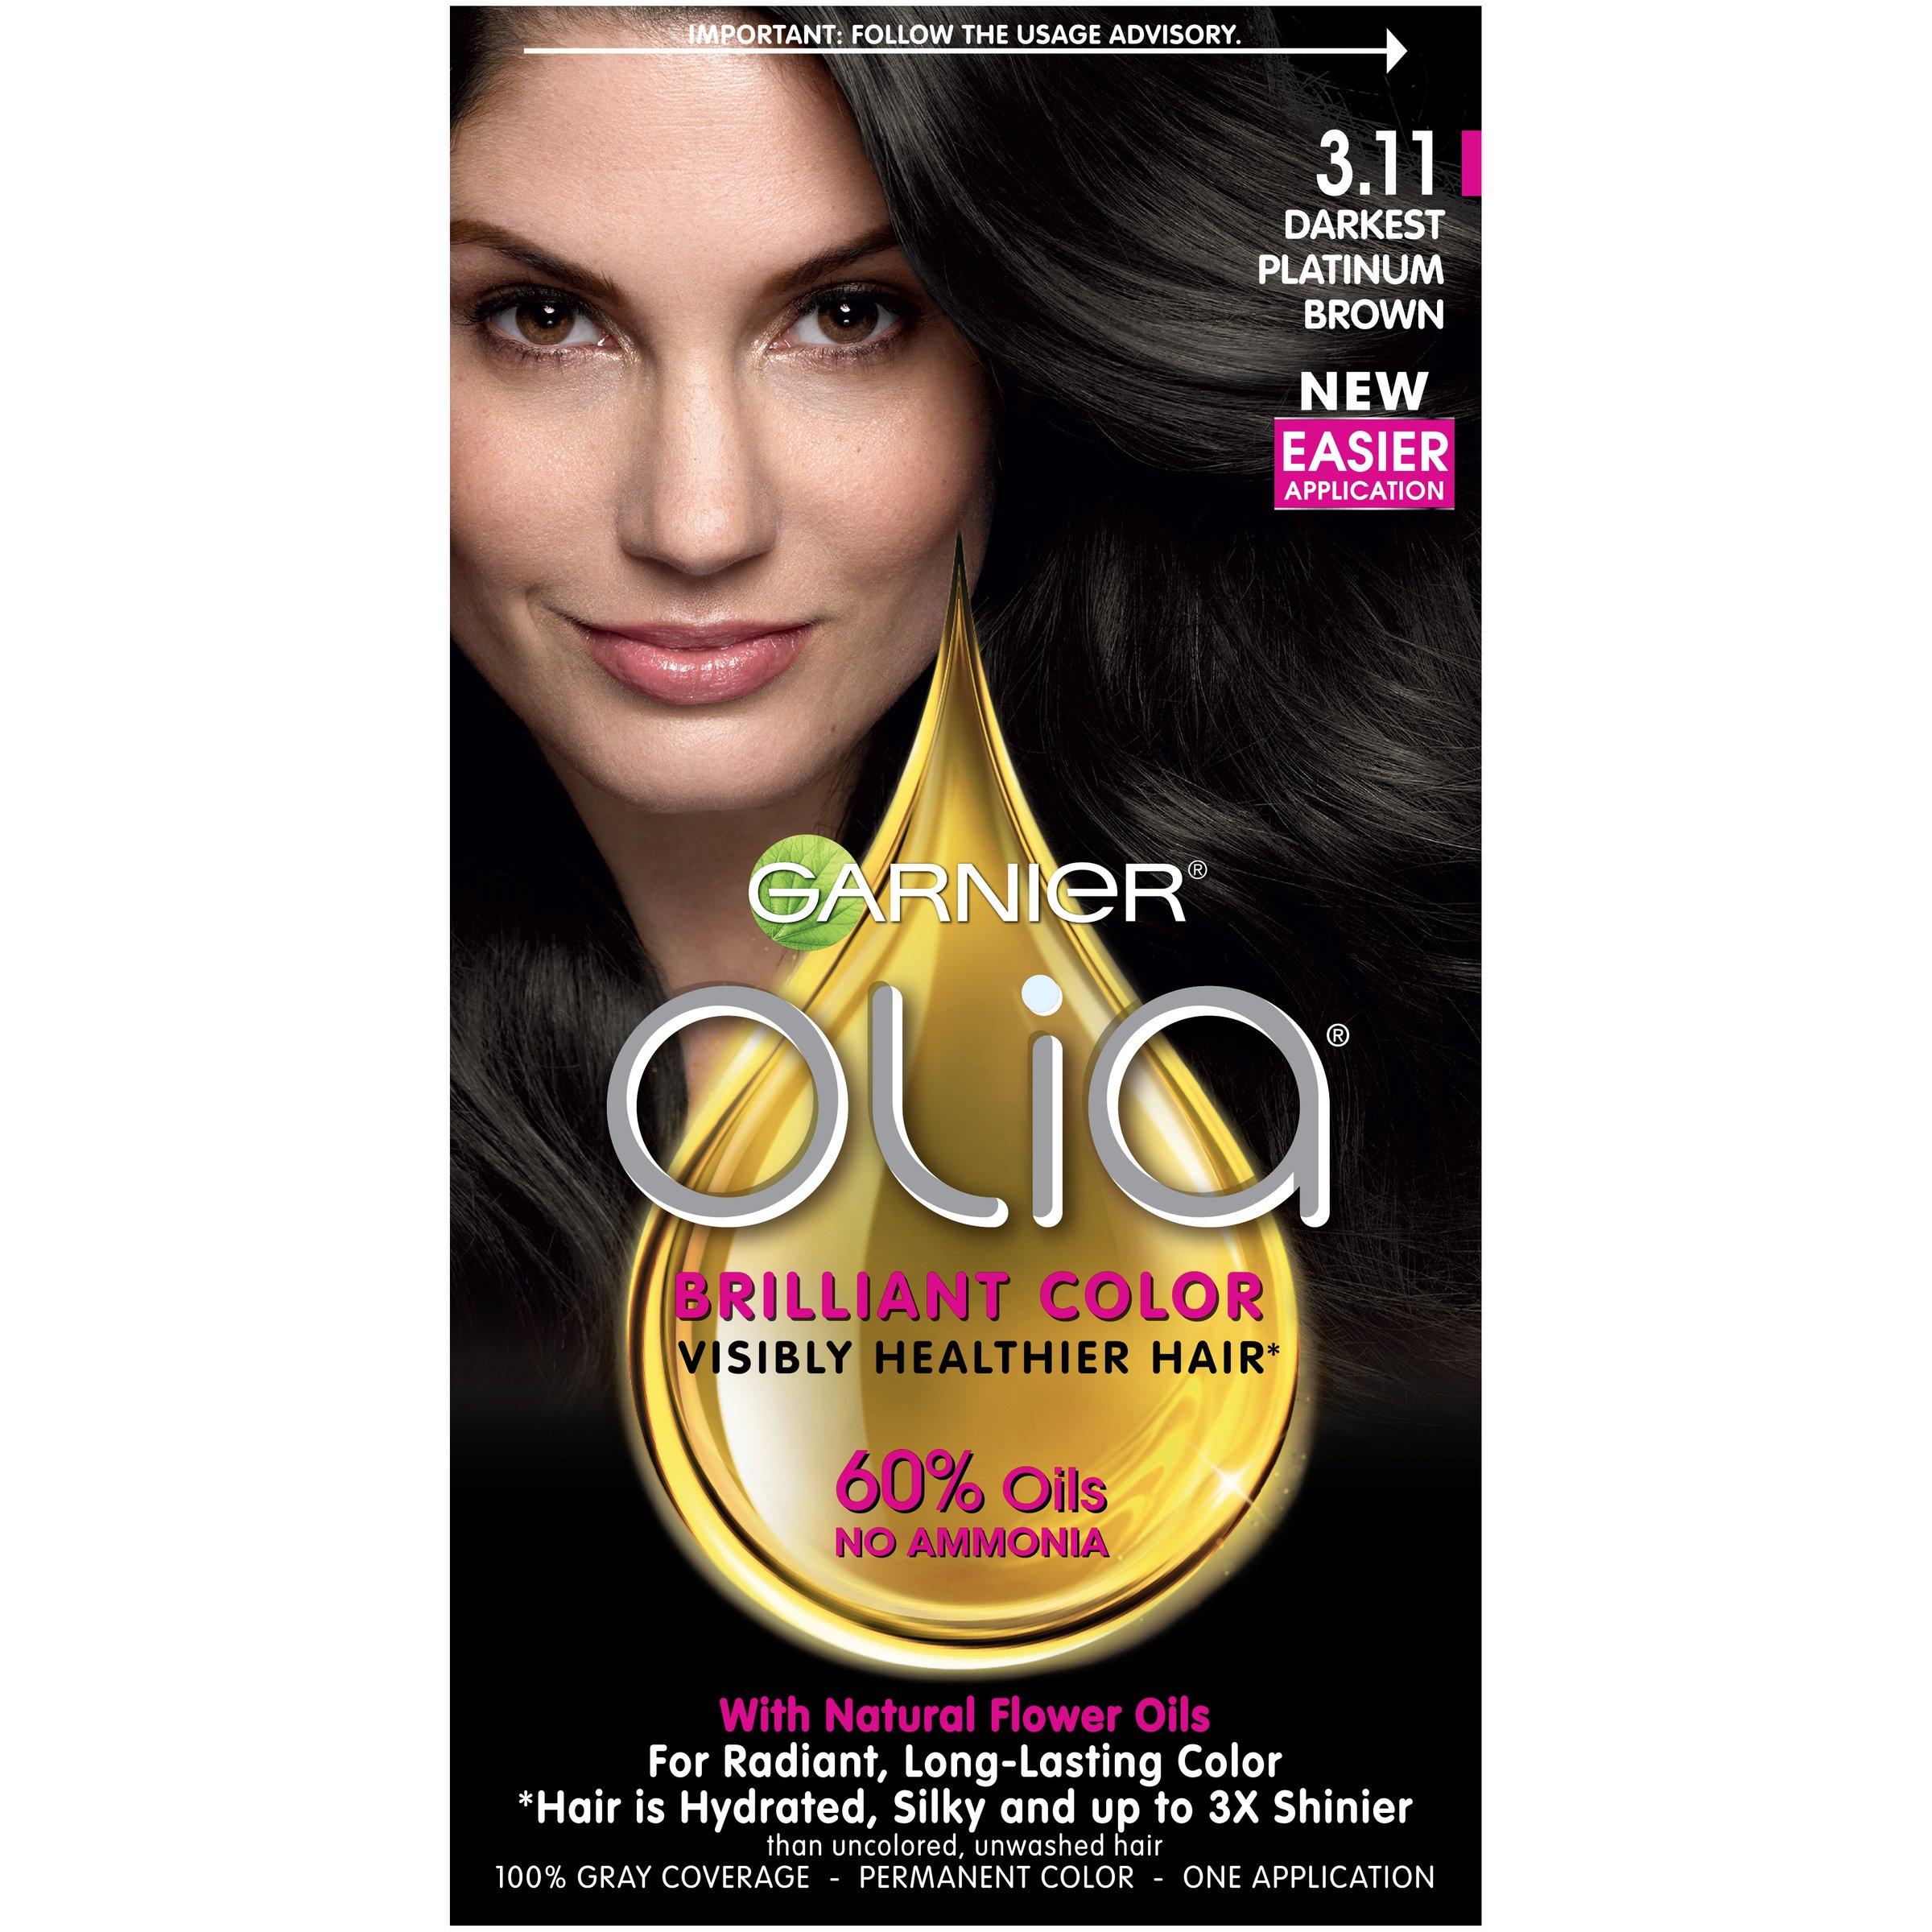 Garnier Olia Hair Color, 3.11 Darkest Platinum Brown, Ammonia Free (Packaging May Vary